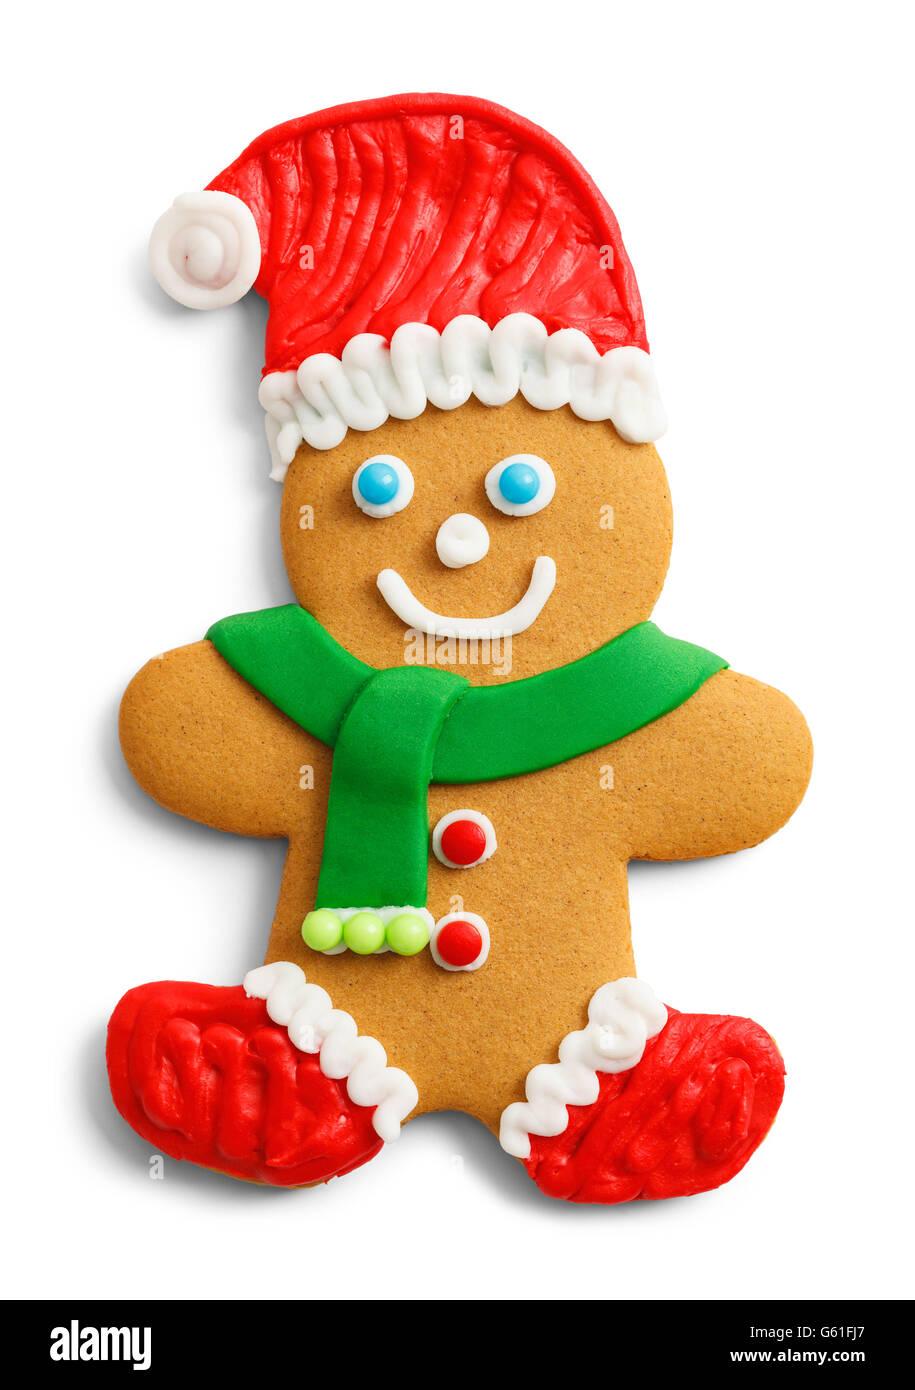 Navidad galletas de jengibre con bufanda y gorro de Papá Noel aislado sobre  fondo blanco. 0369b9f511f